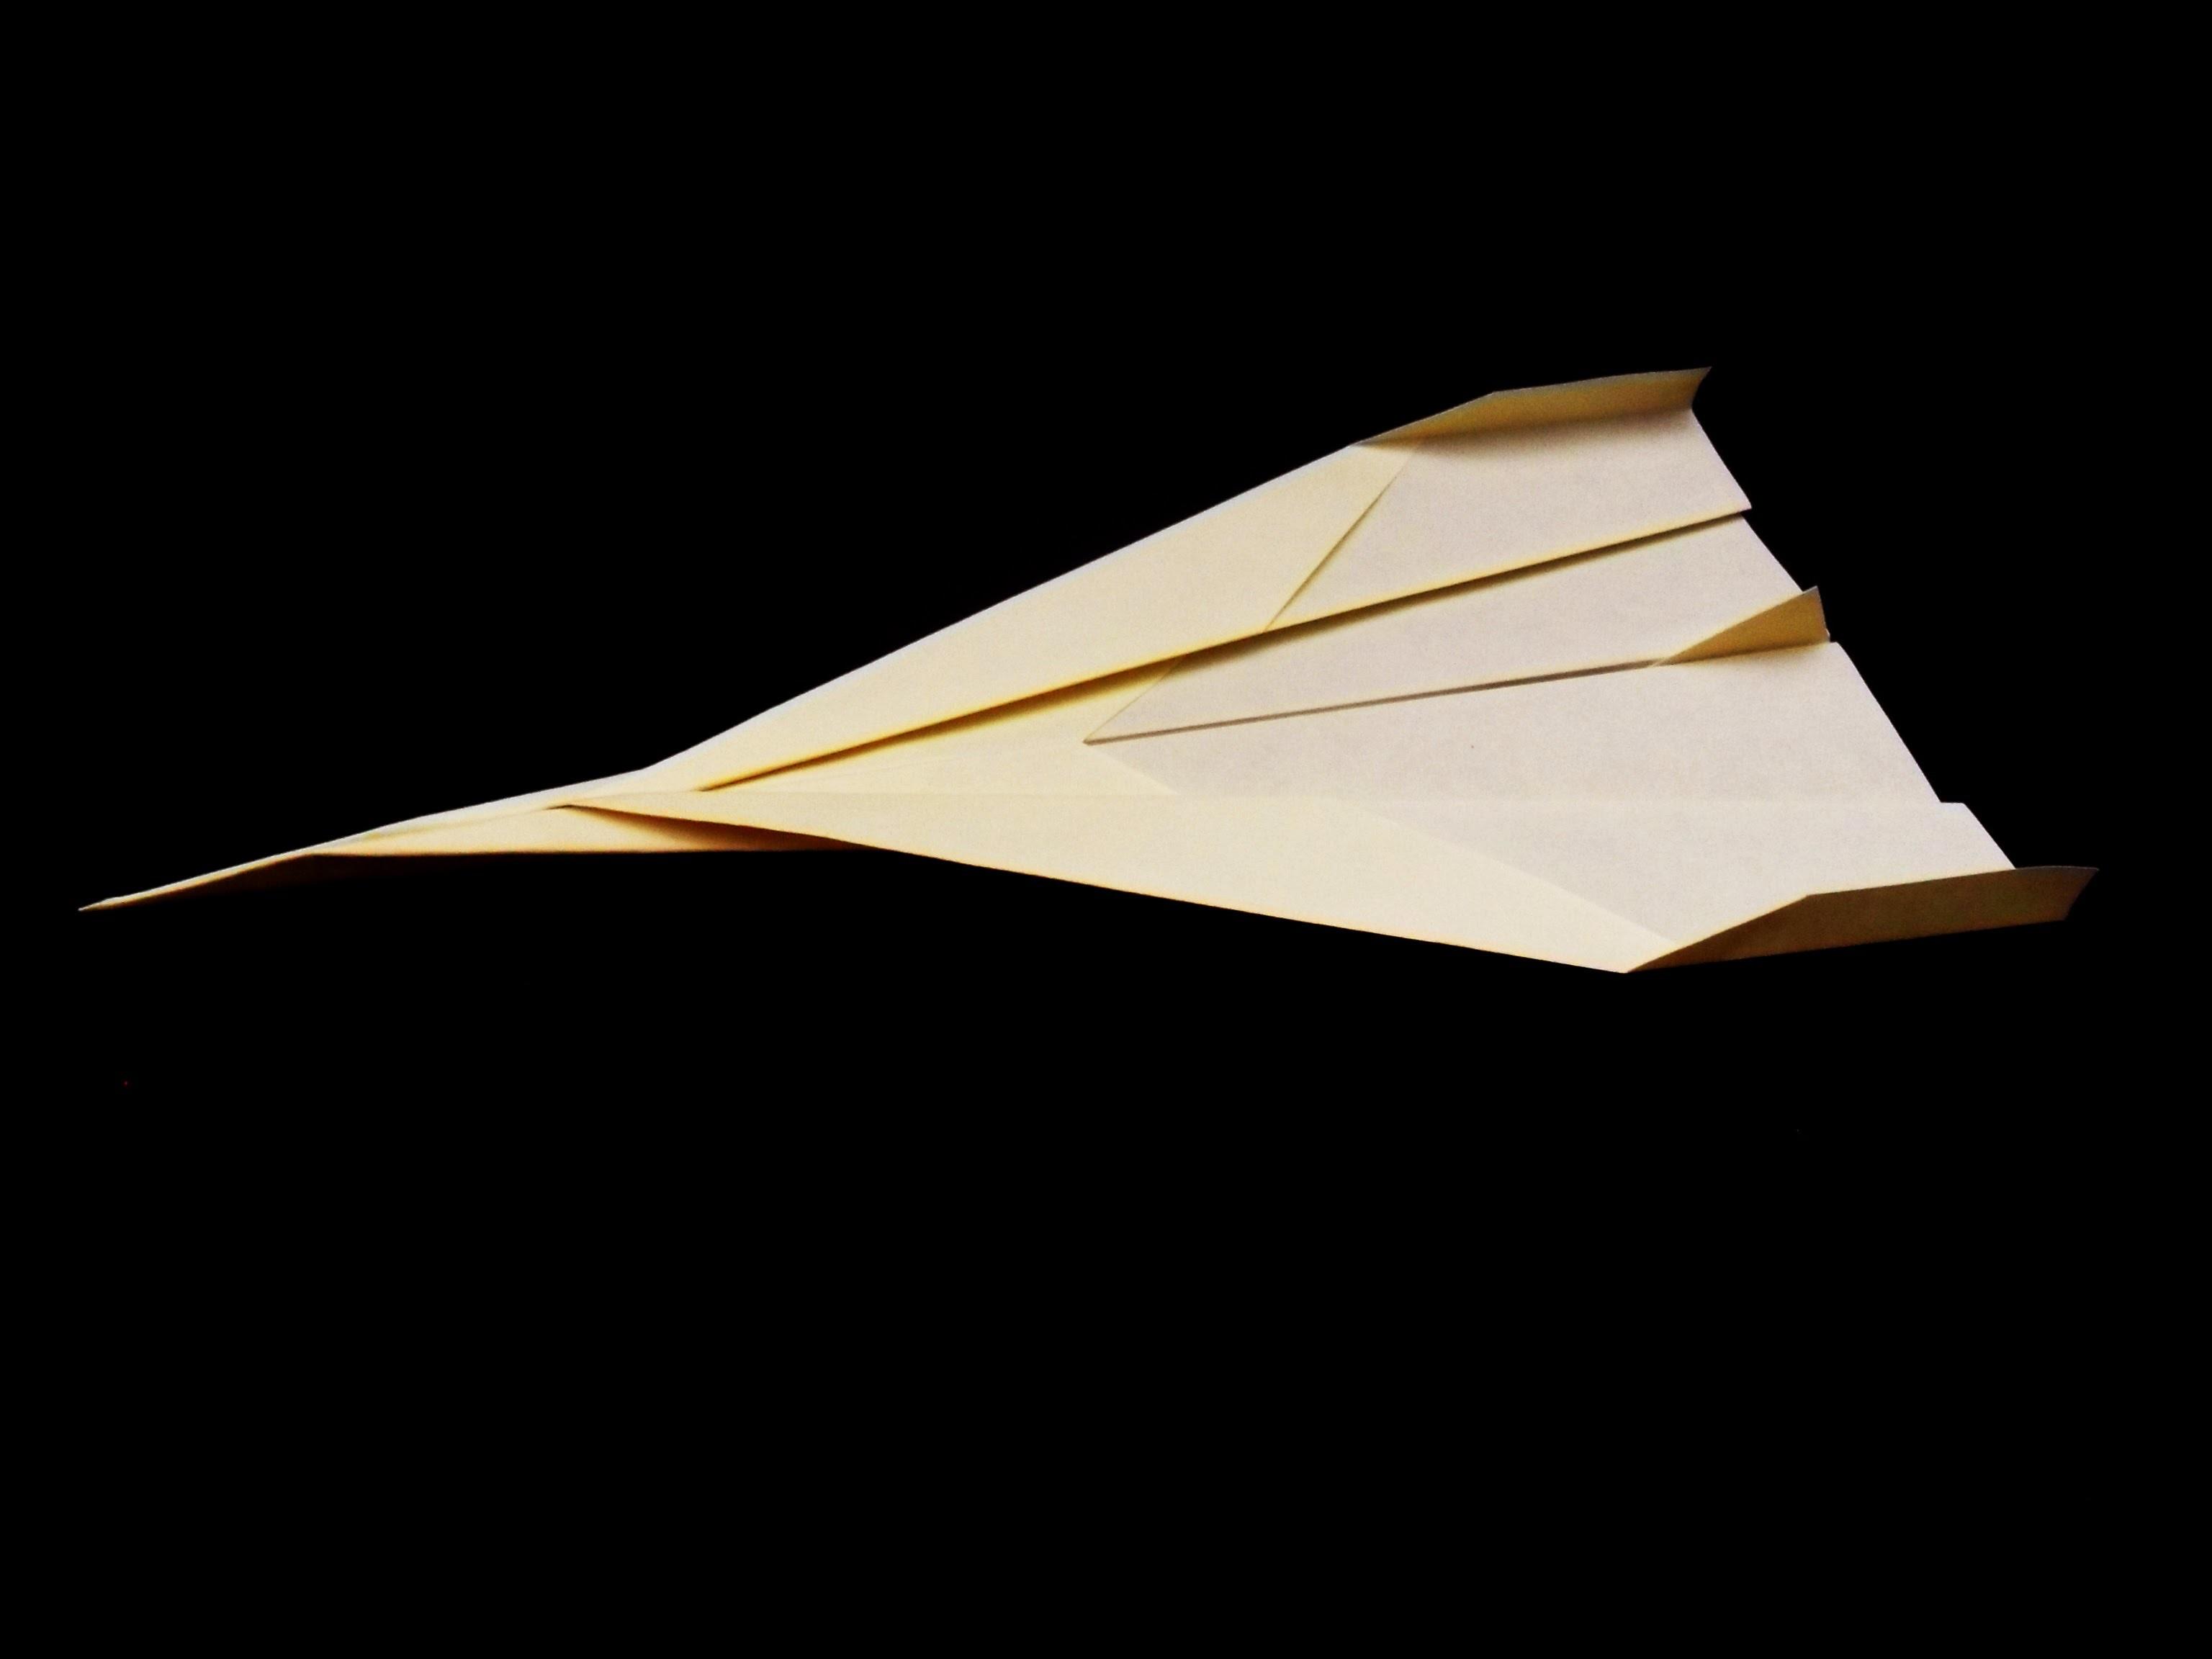 Como se hace un avion de papel tipo superjet por easy origami